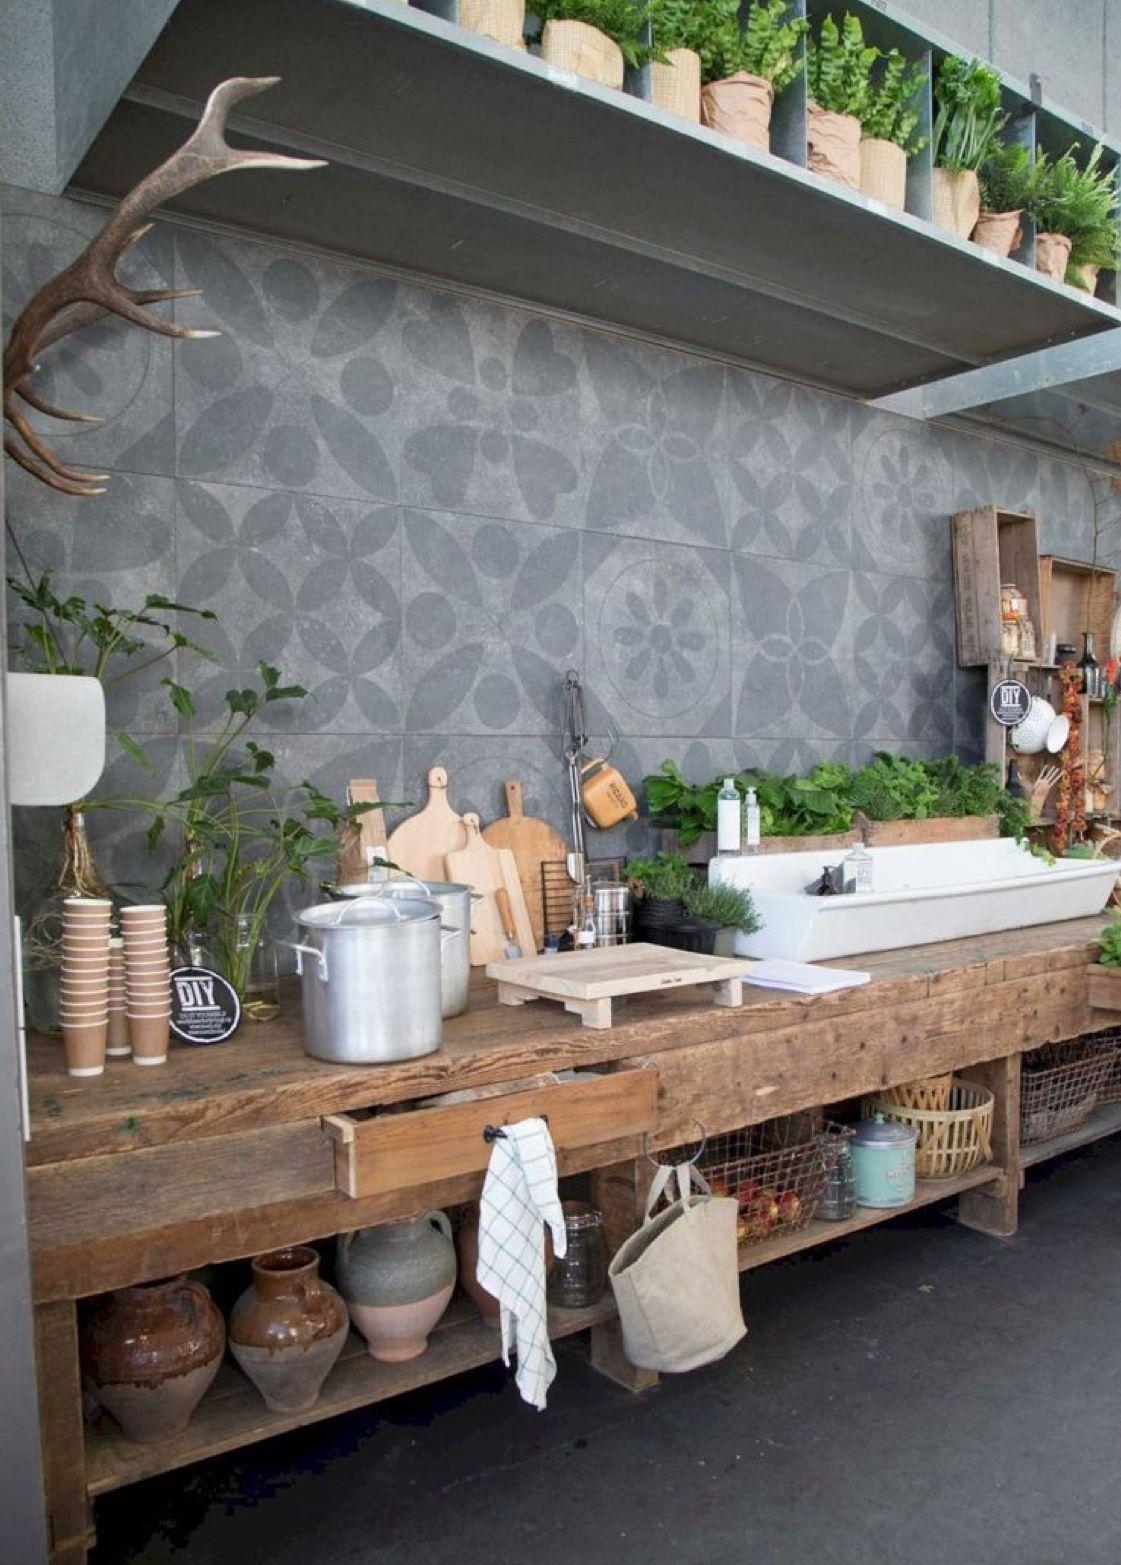 outdoor kitchen outdoor kitchen decor diy outdoor kitchen outdoor kitchen countertops on outdoor kitchen diy id=50954